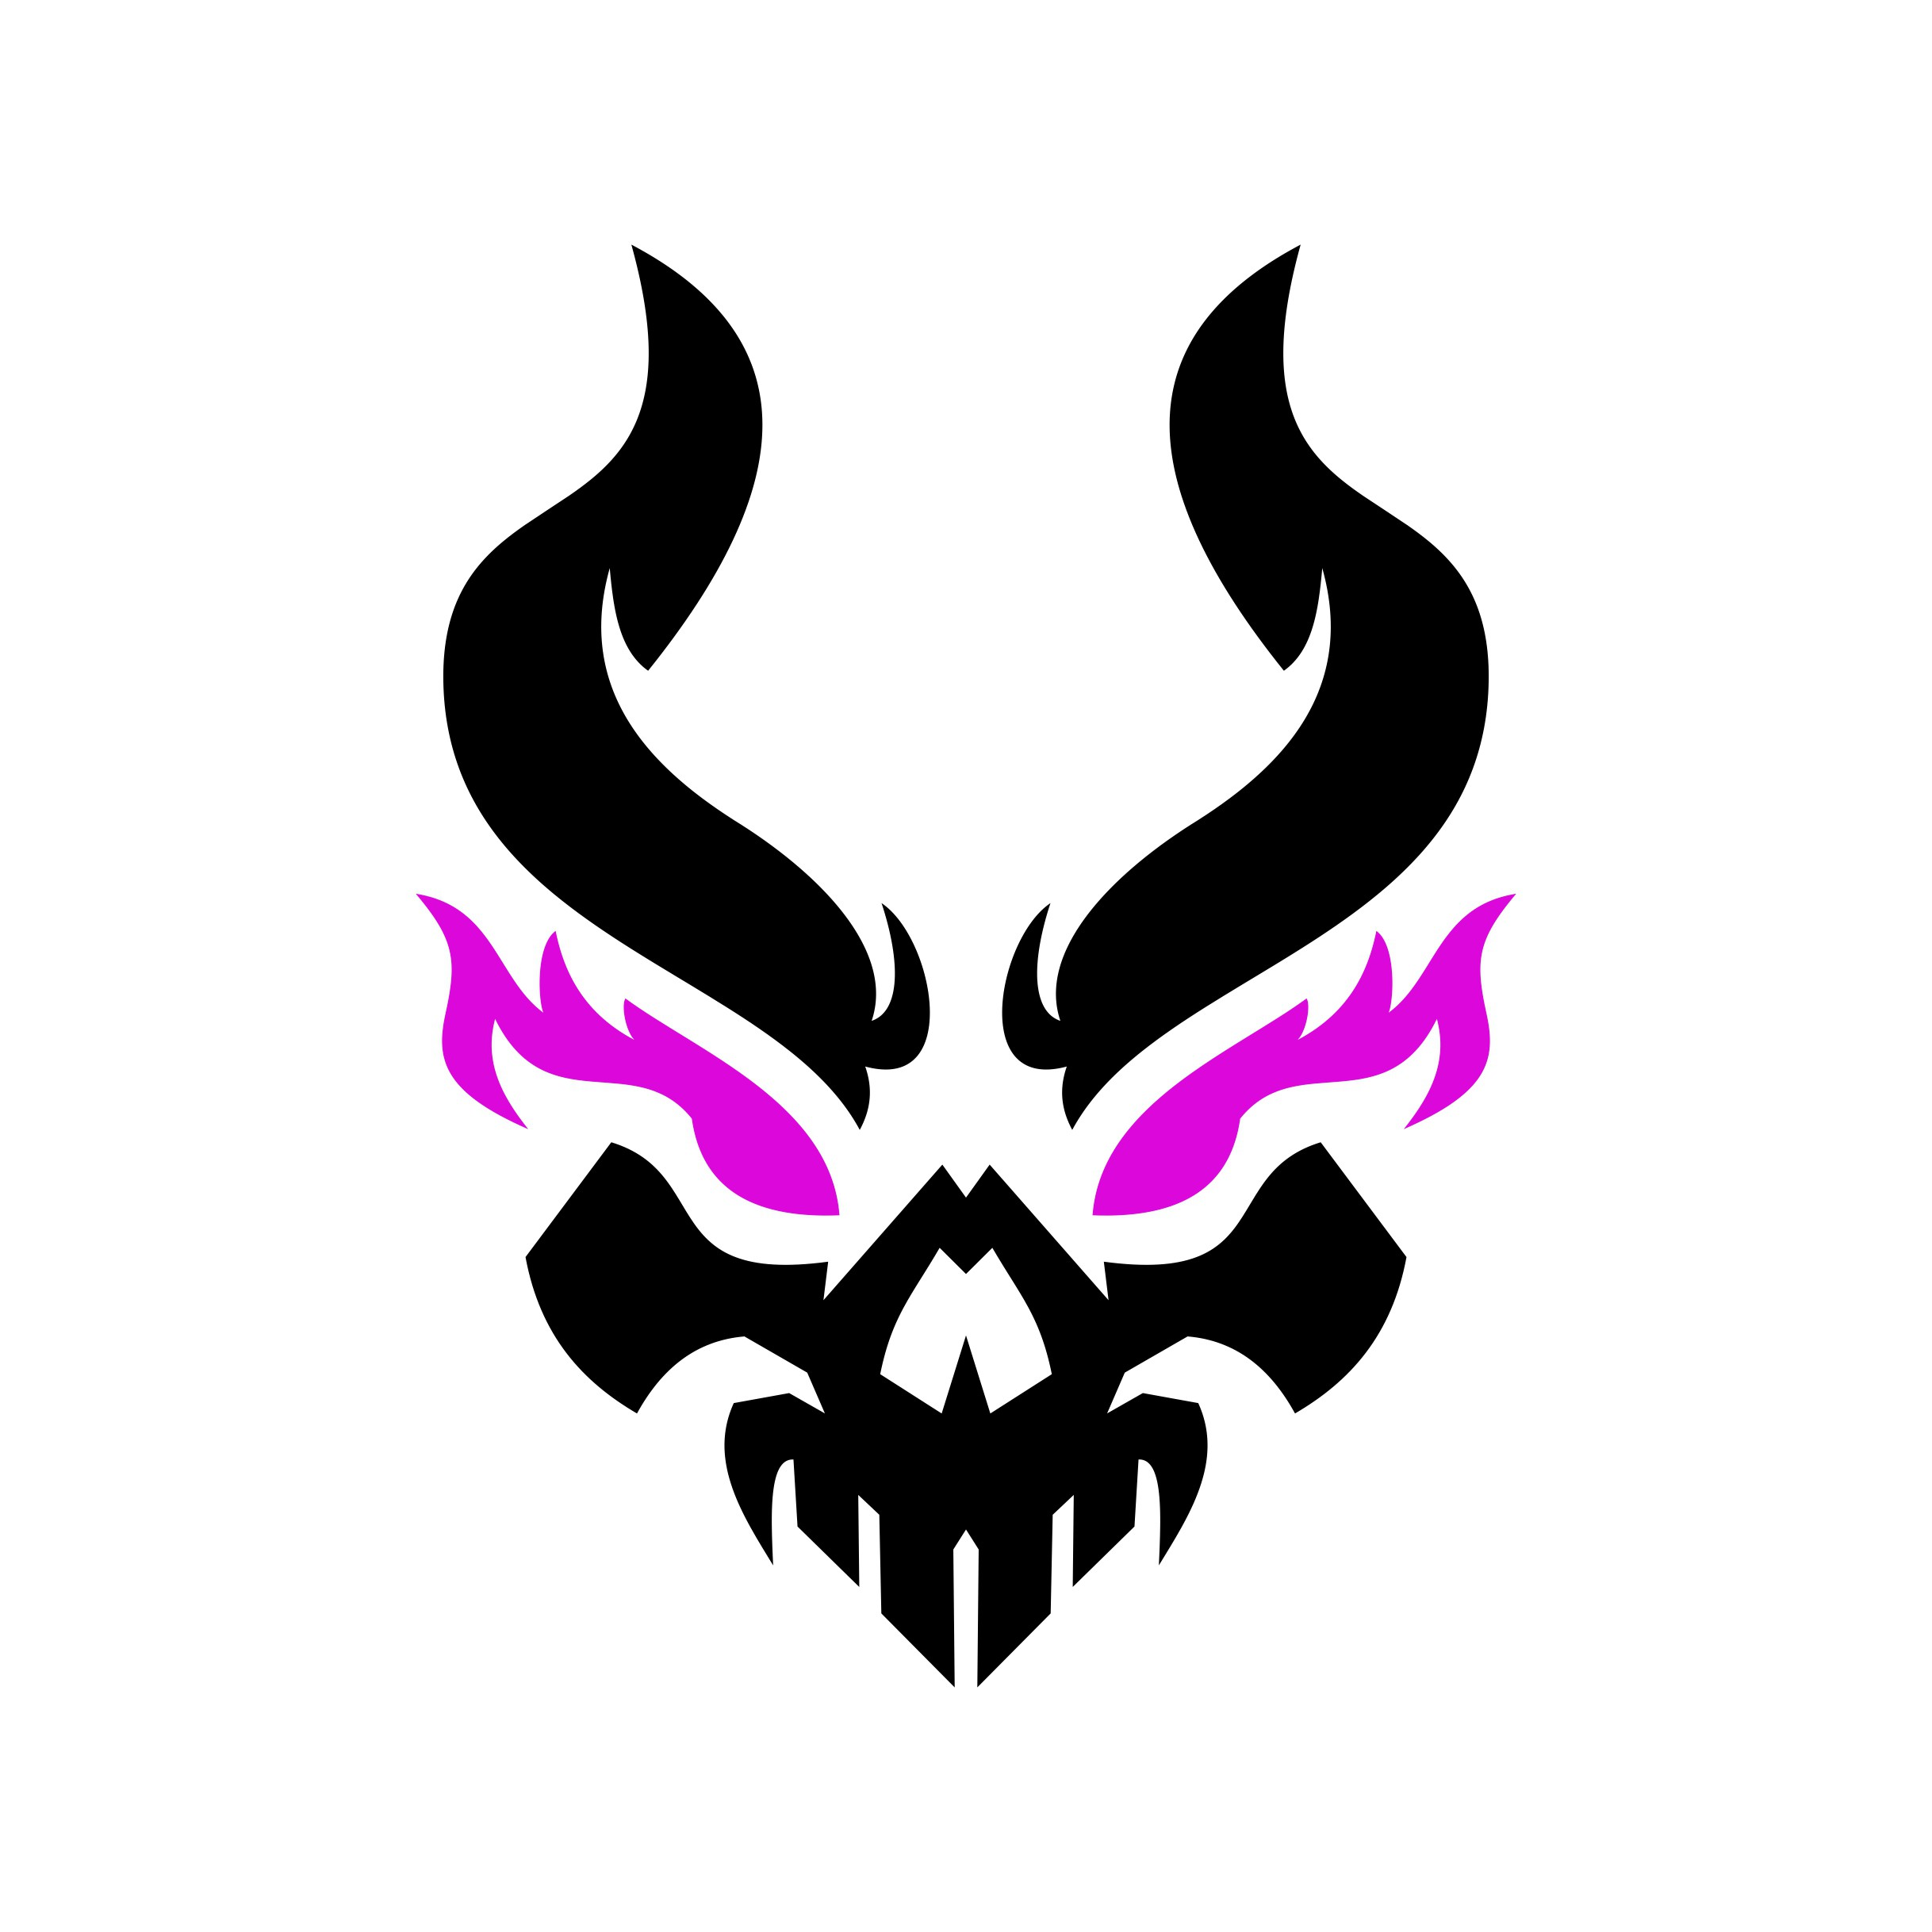 Demon logo for fitness brand.